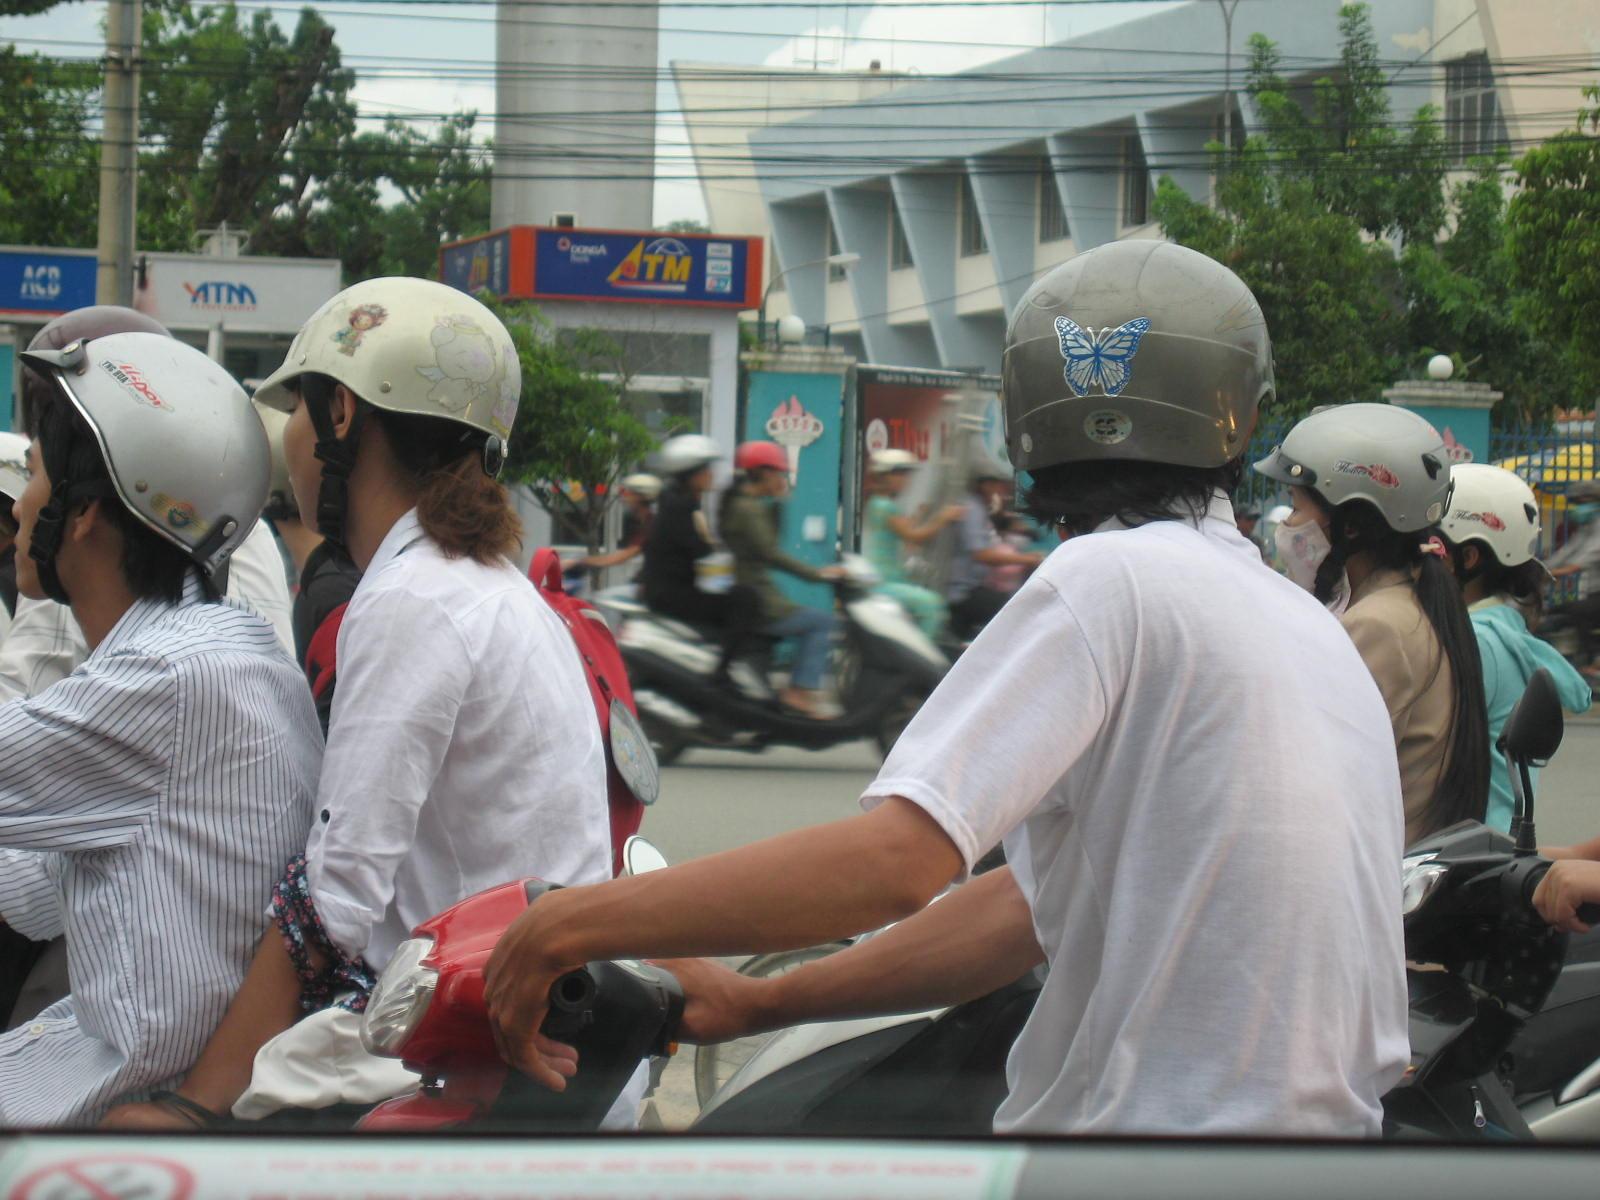 バイクの後ろに女性を乗せる場合には、安全第一で!